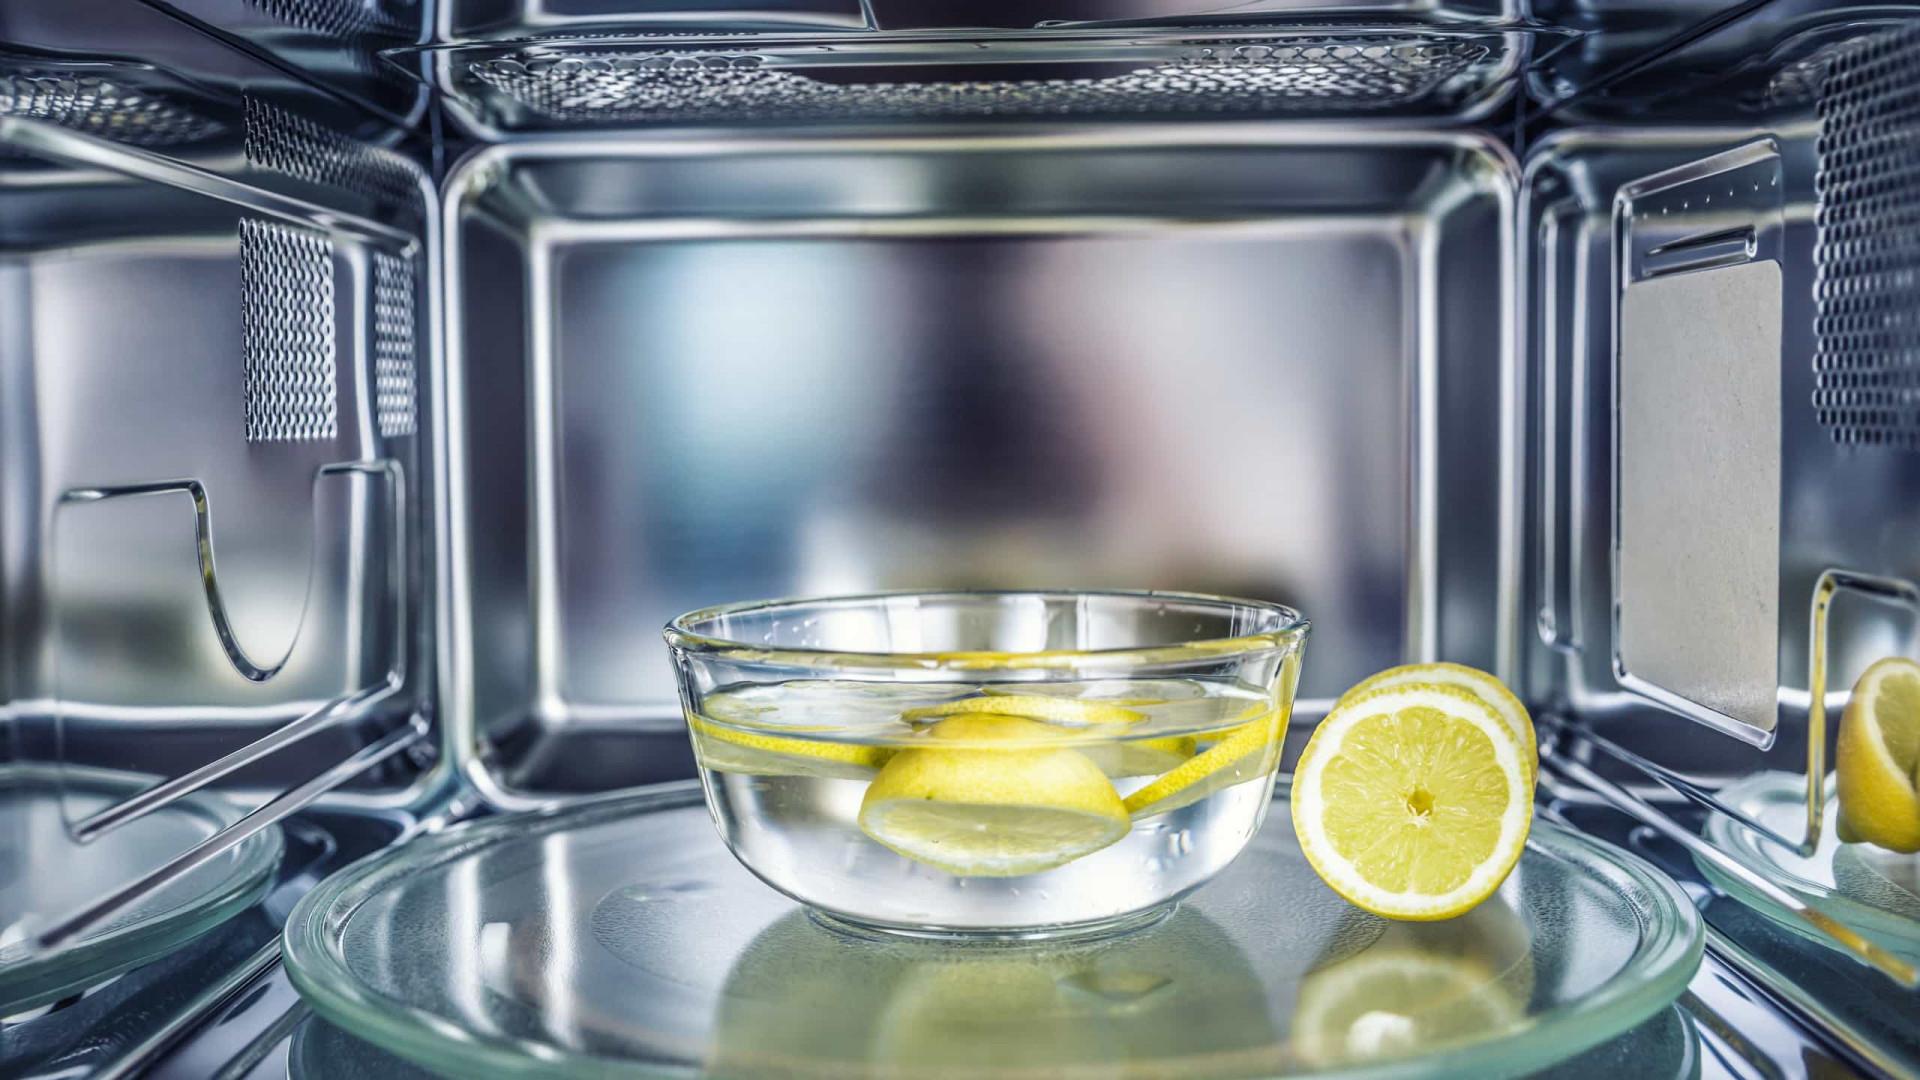 Truque infalível para limpar o microondas em minutos